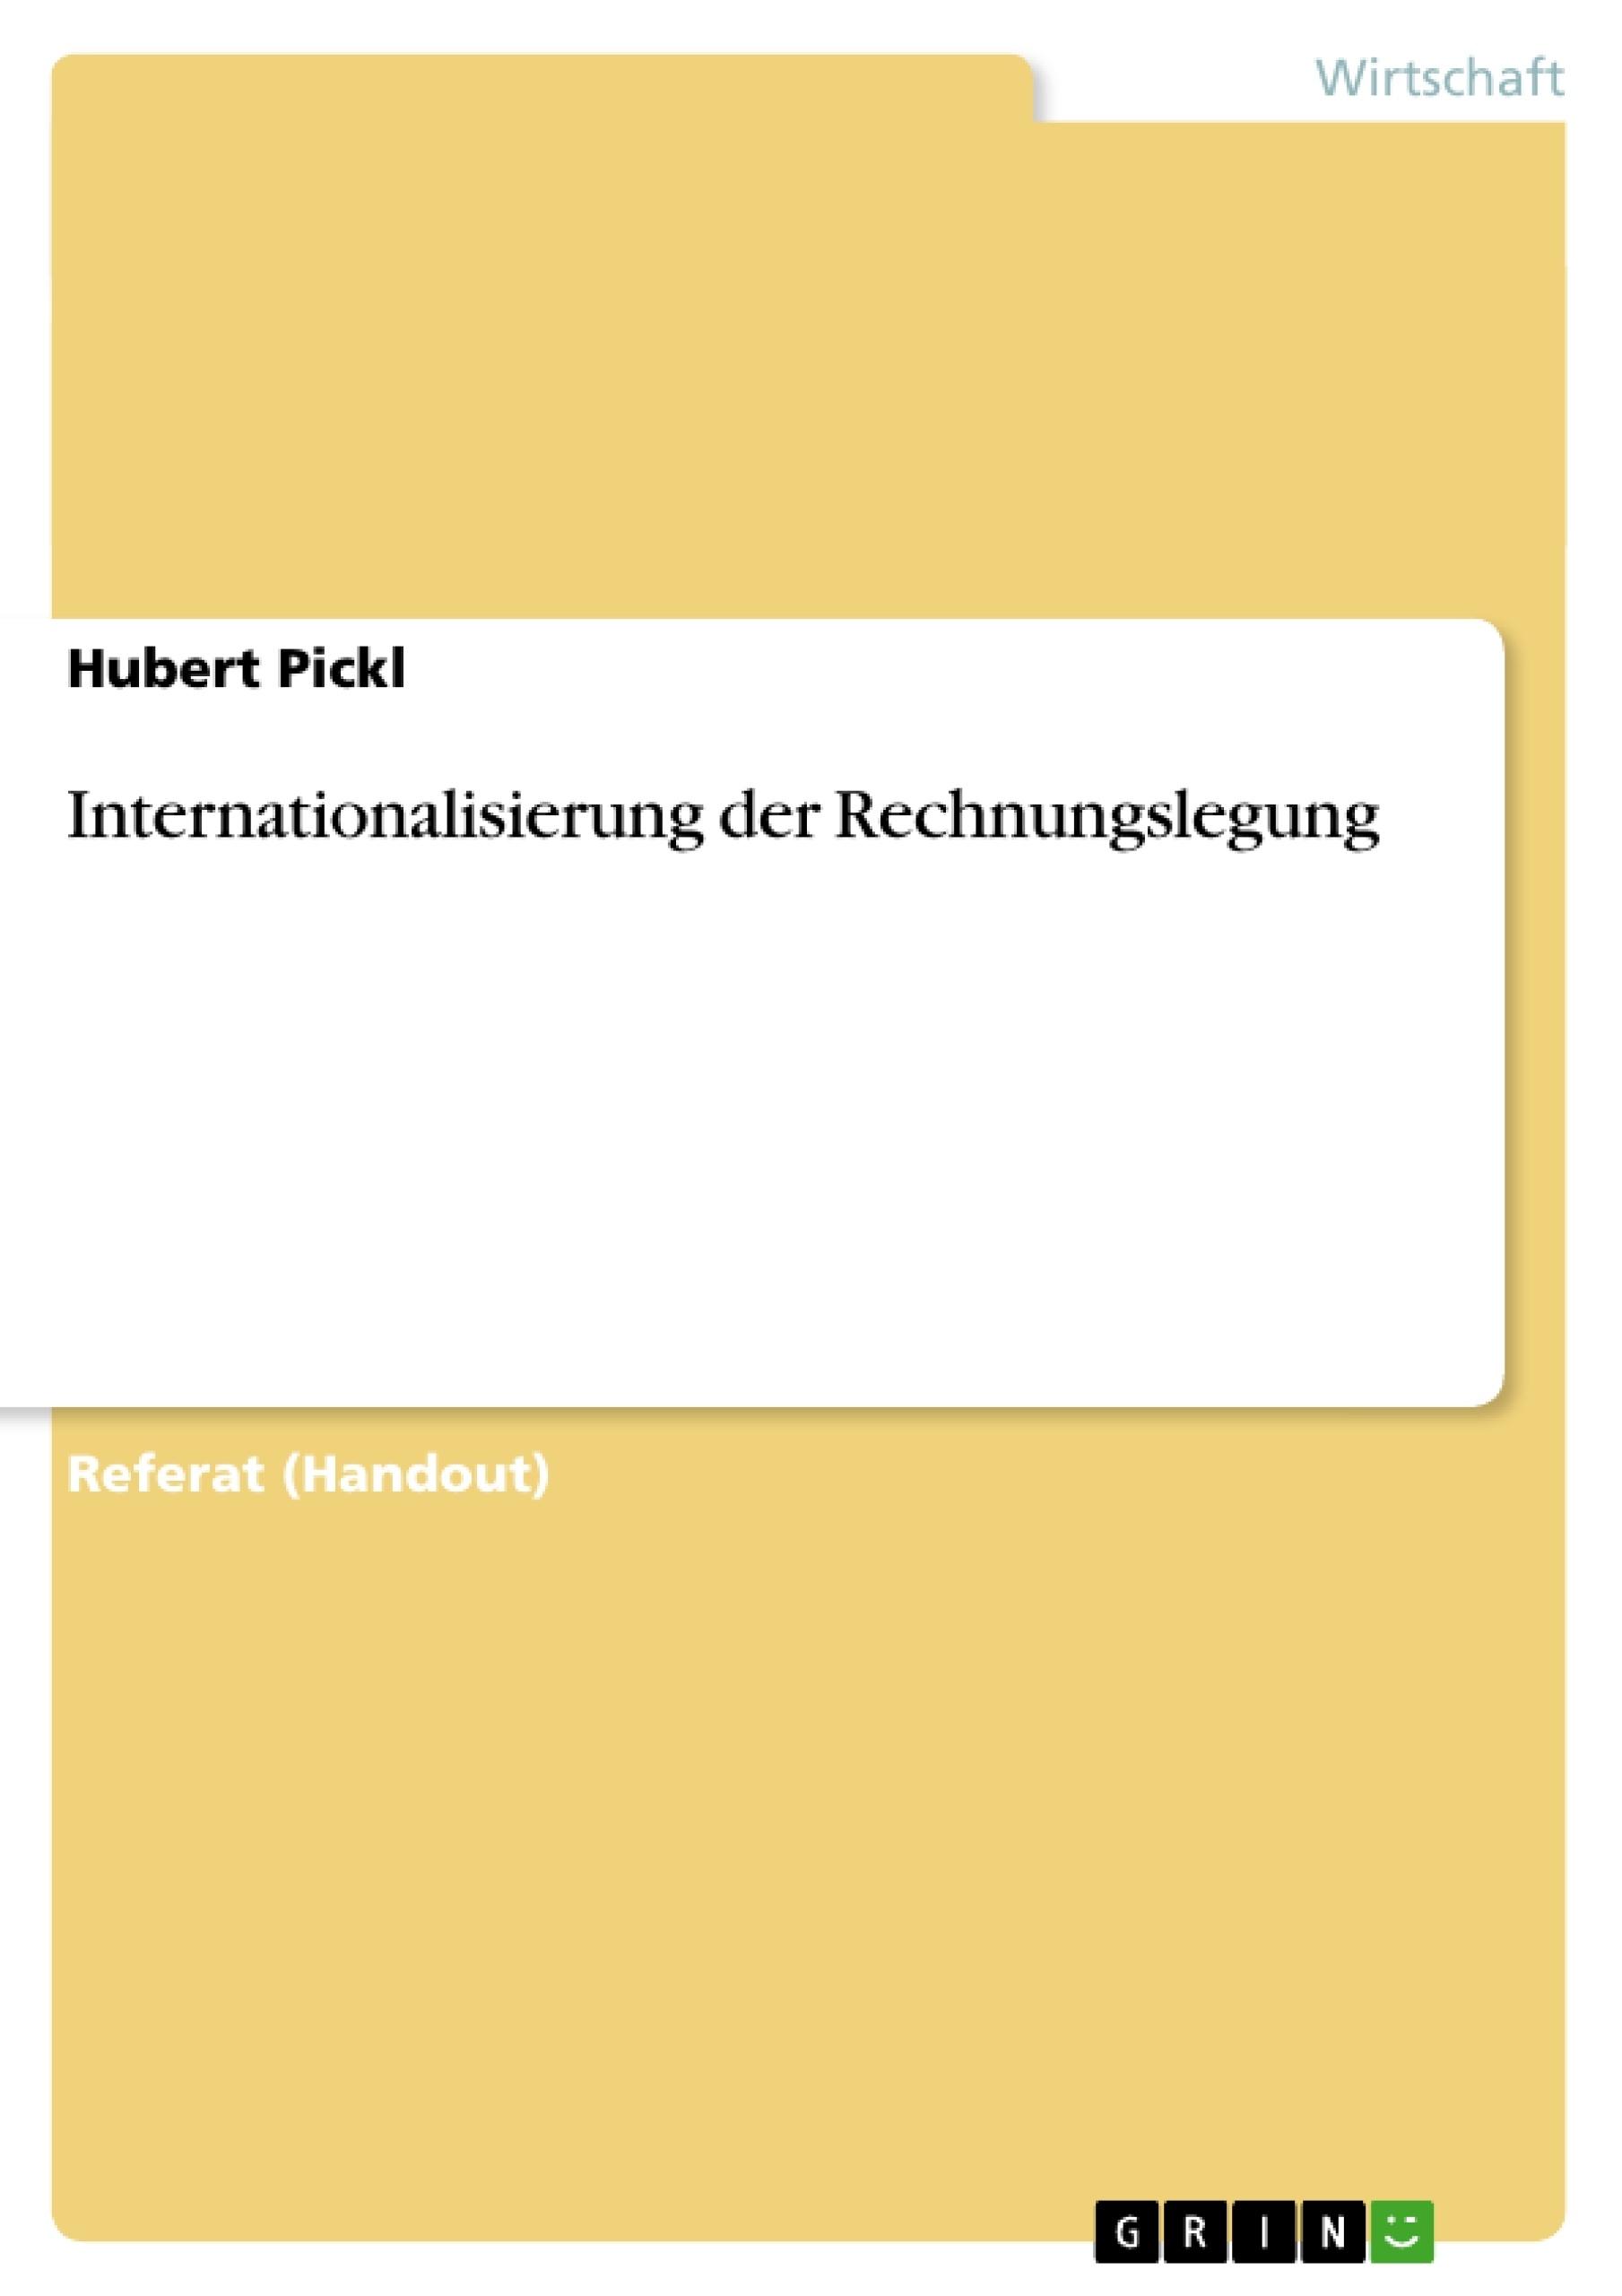 Titel: Internationalisierung der Rechnungslegung